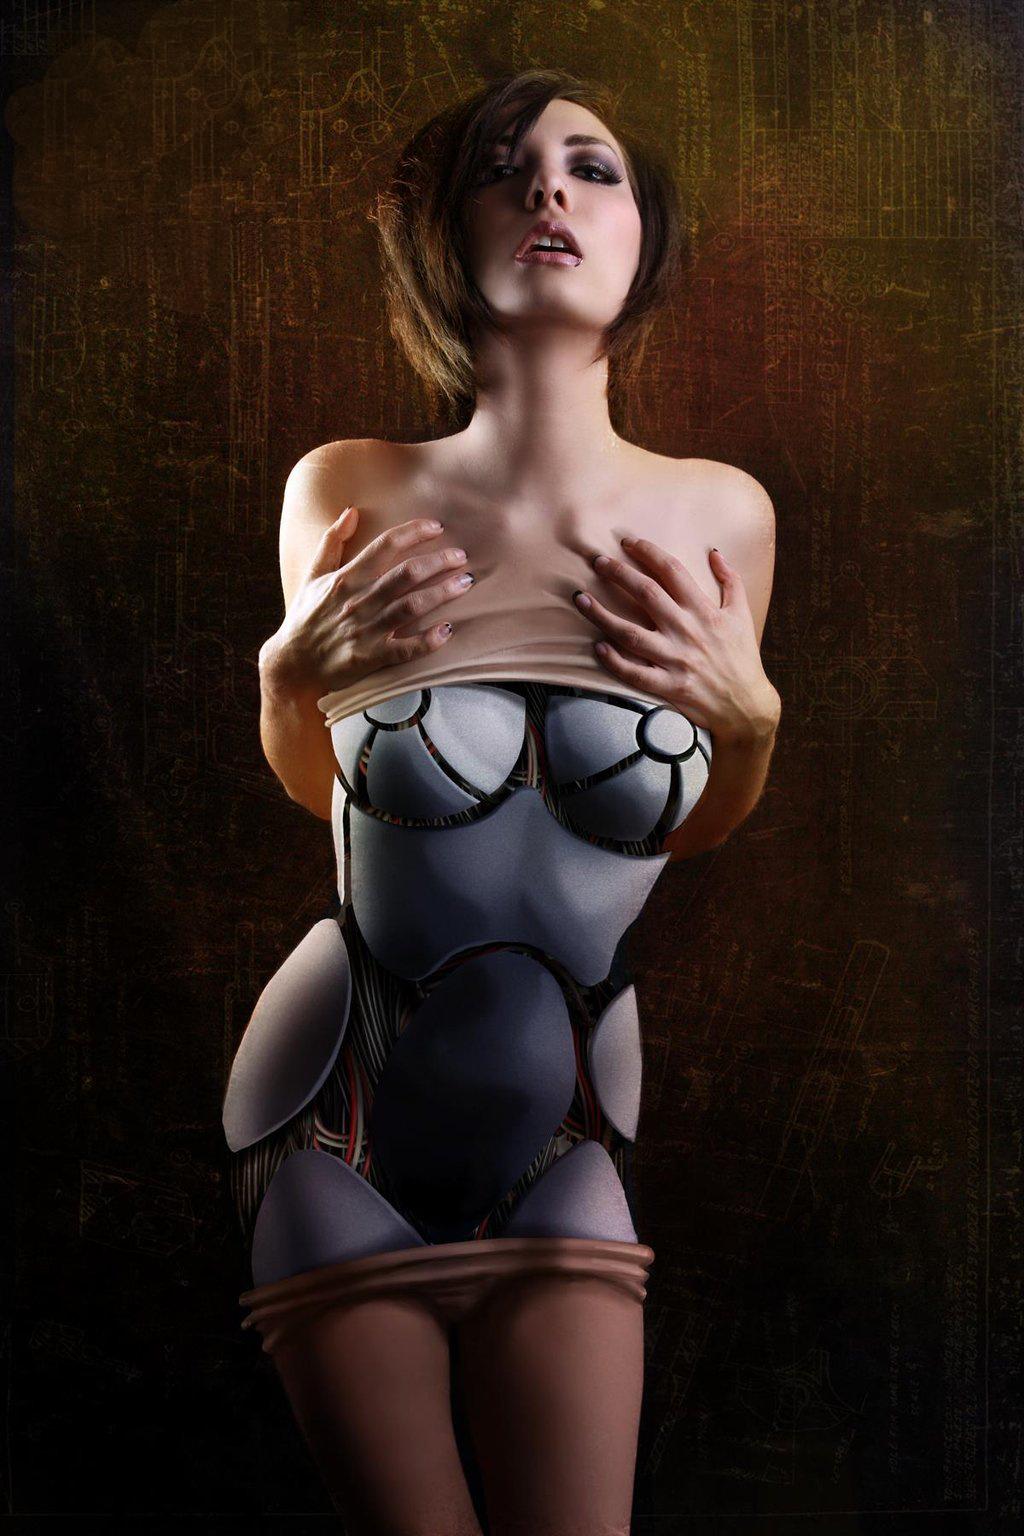 Cyborg naked pics, porn blasphemy